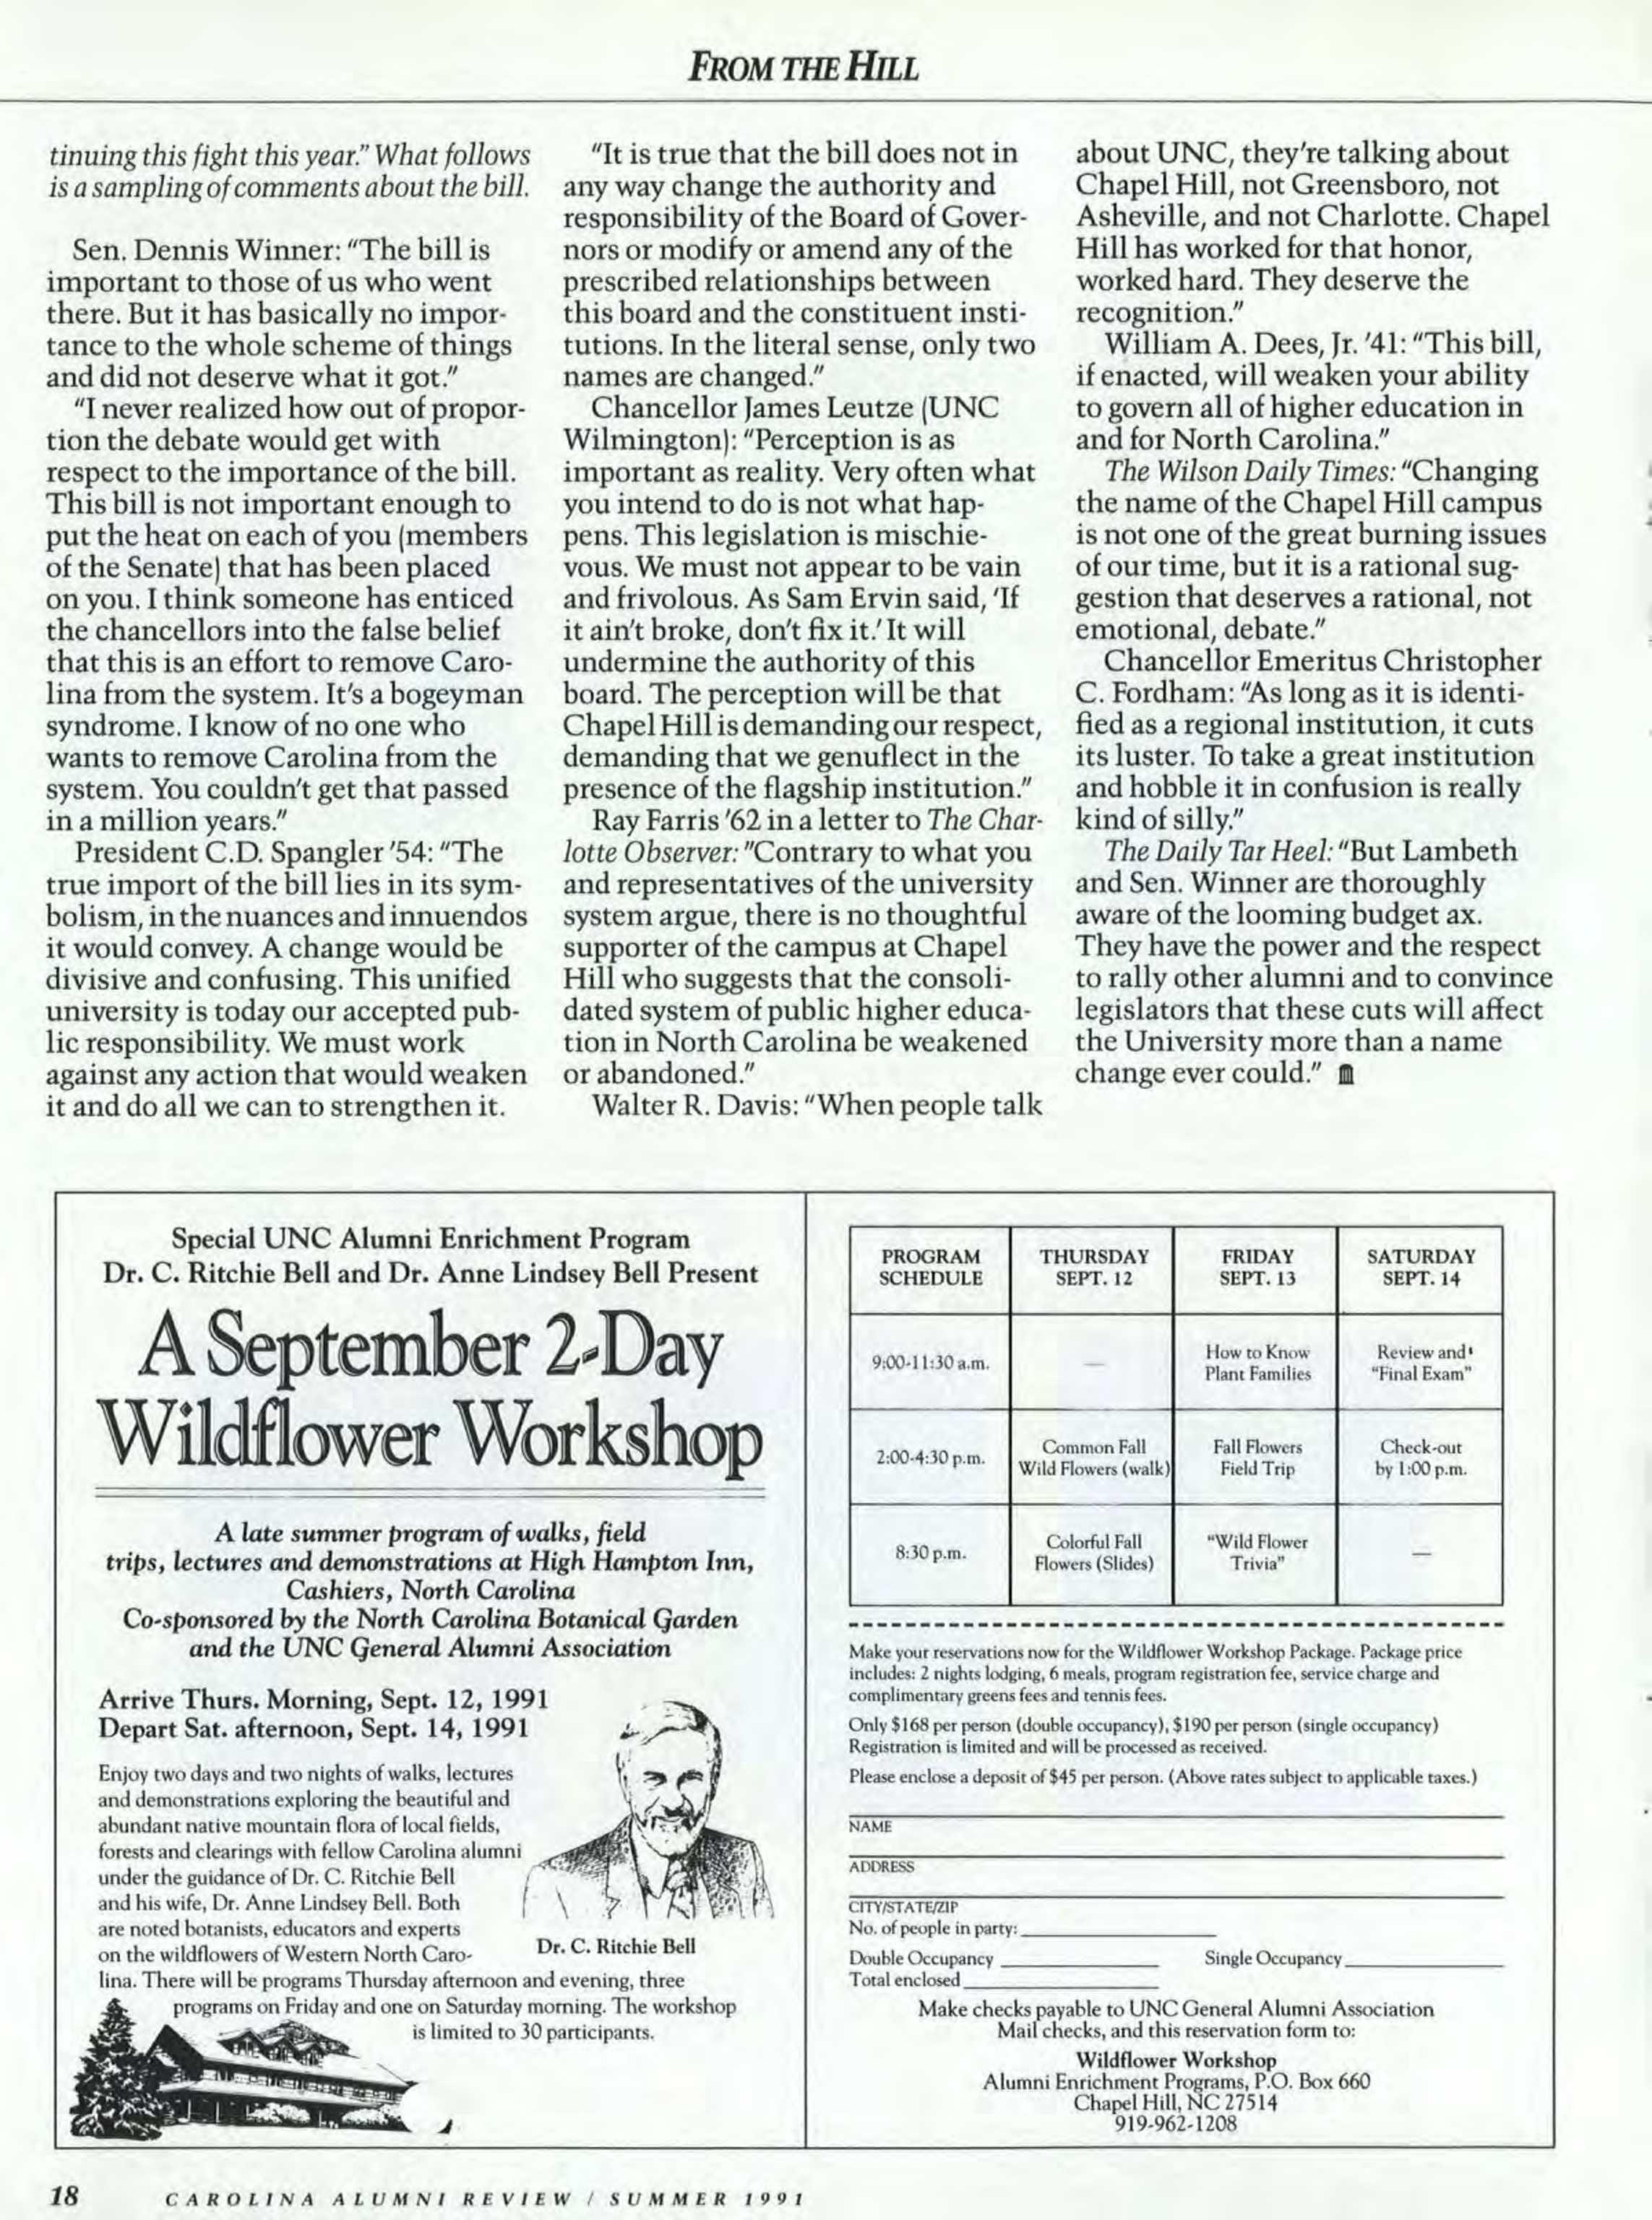 Carolina Alumni Review - Summer 1986 - page 18